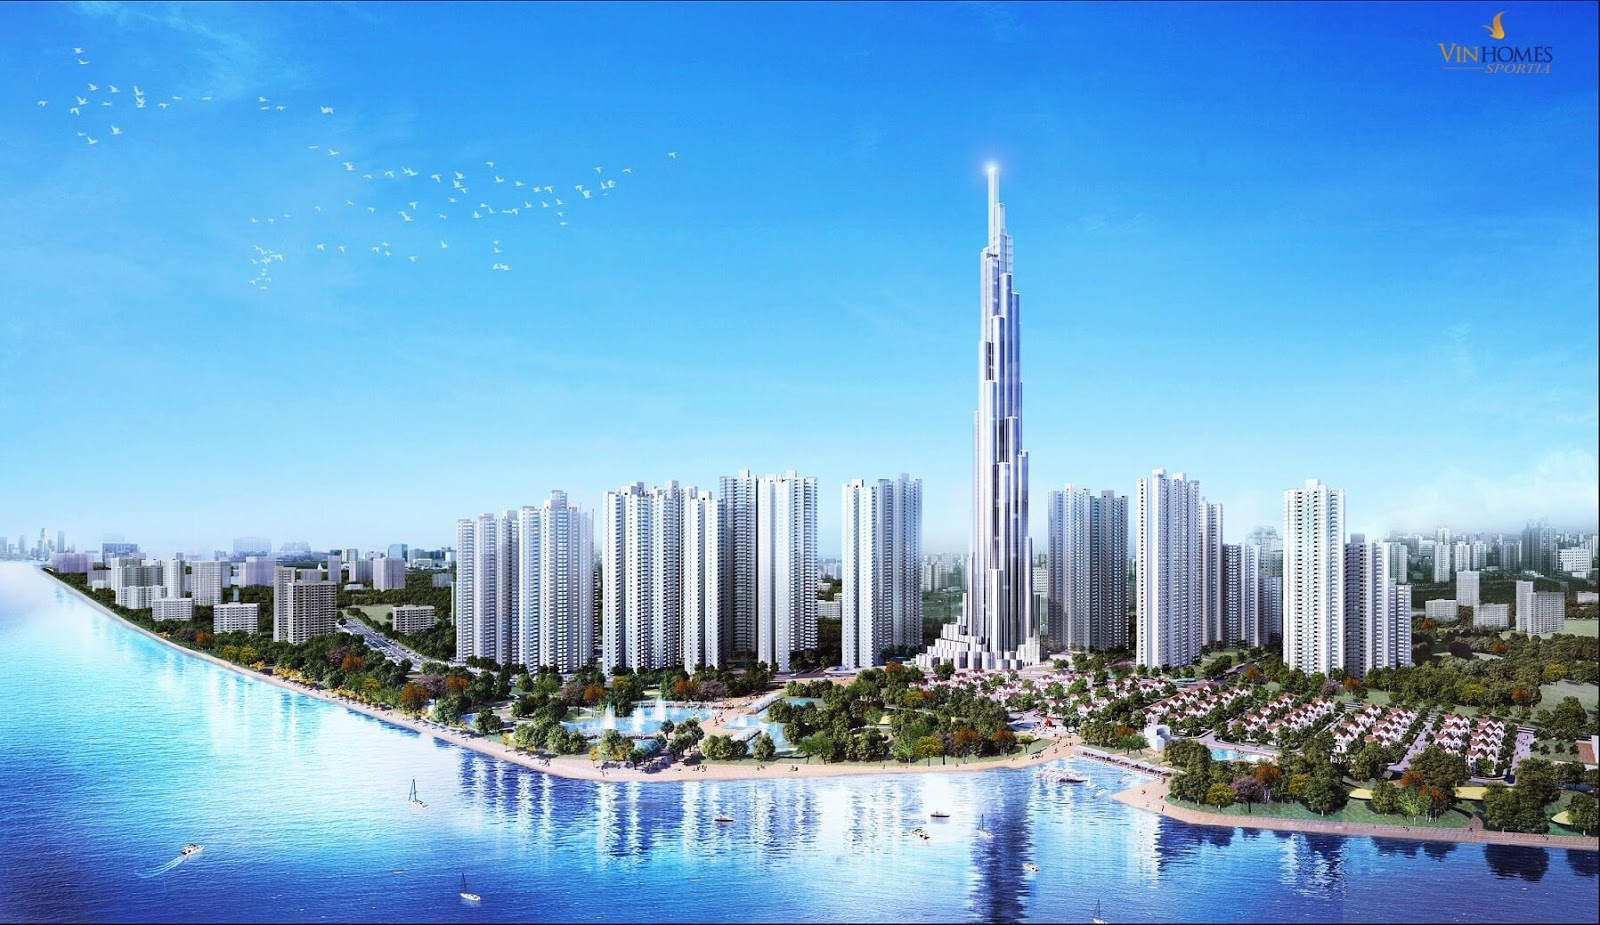 Landmark 81 - Toà nhà cao nhất Việt Nam do người Việt xây dựng